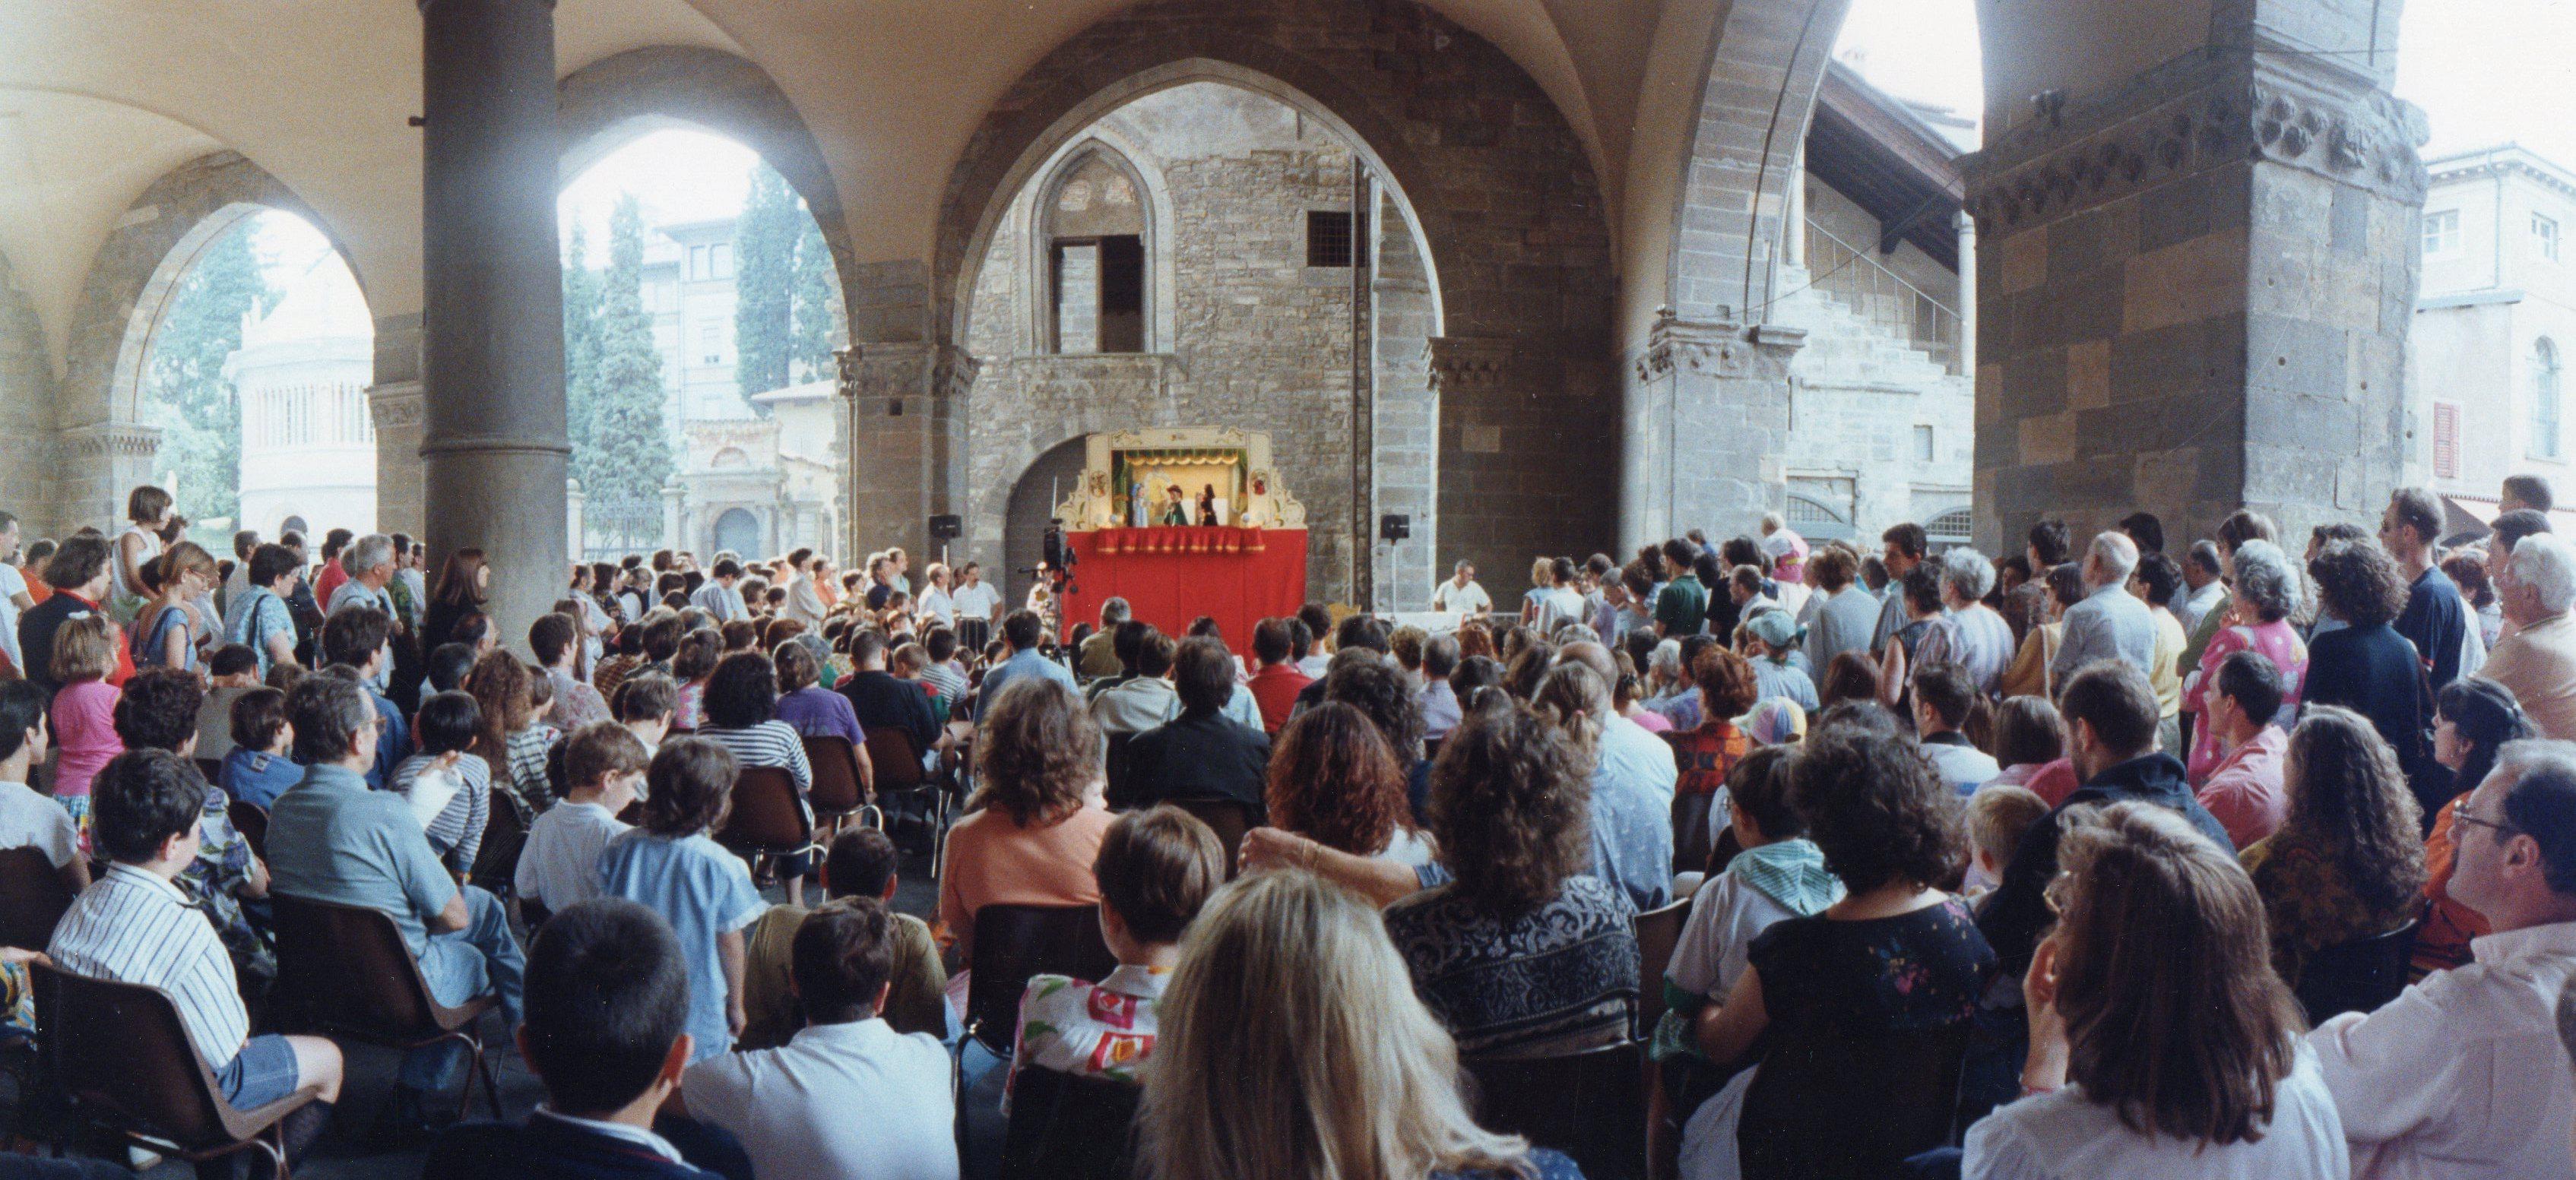 La baracca di Daniele Cortesi  a Bergamo in Piazza Vecchia